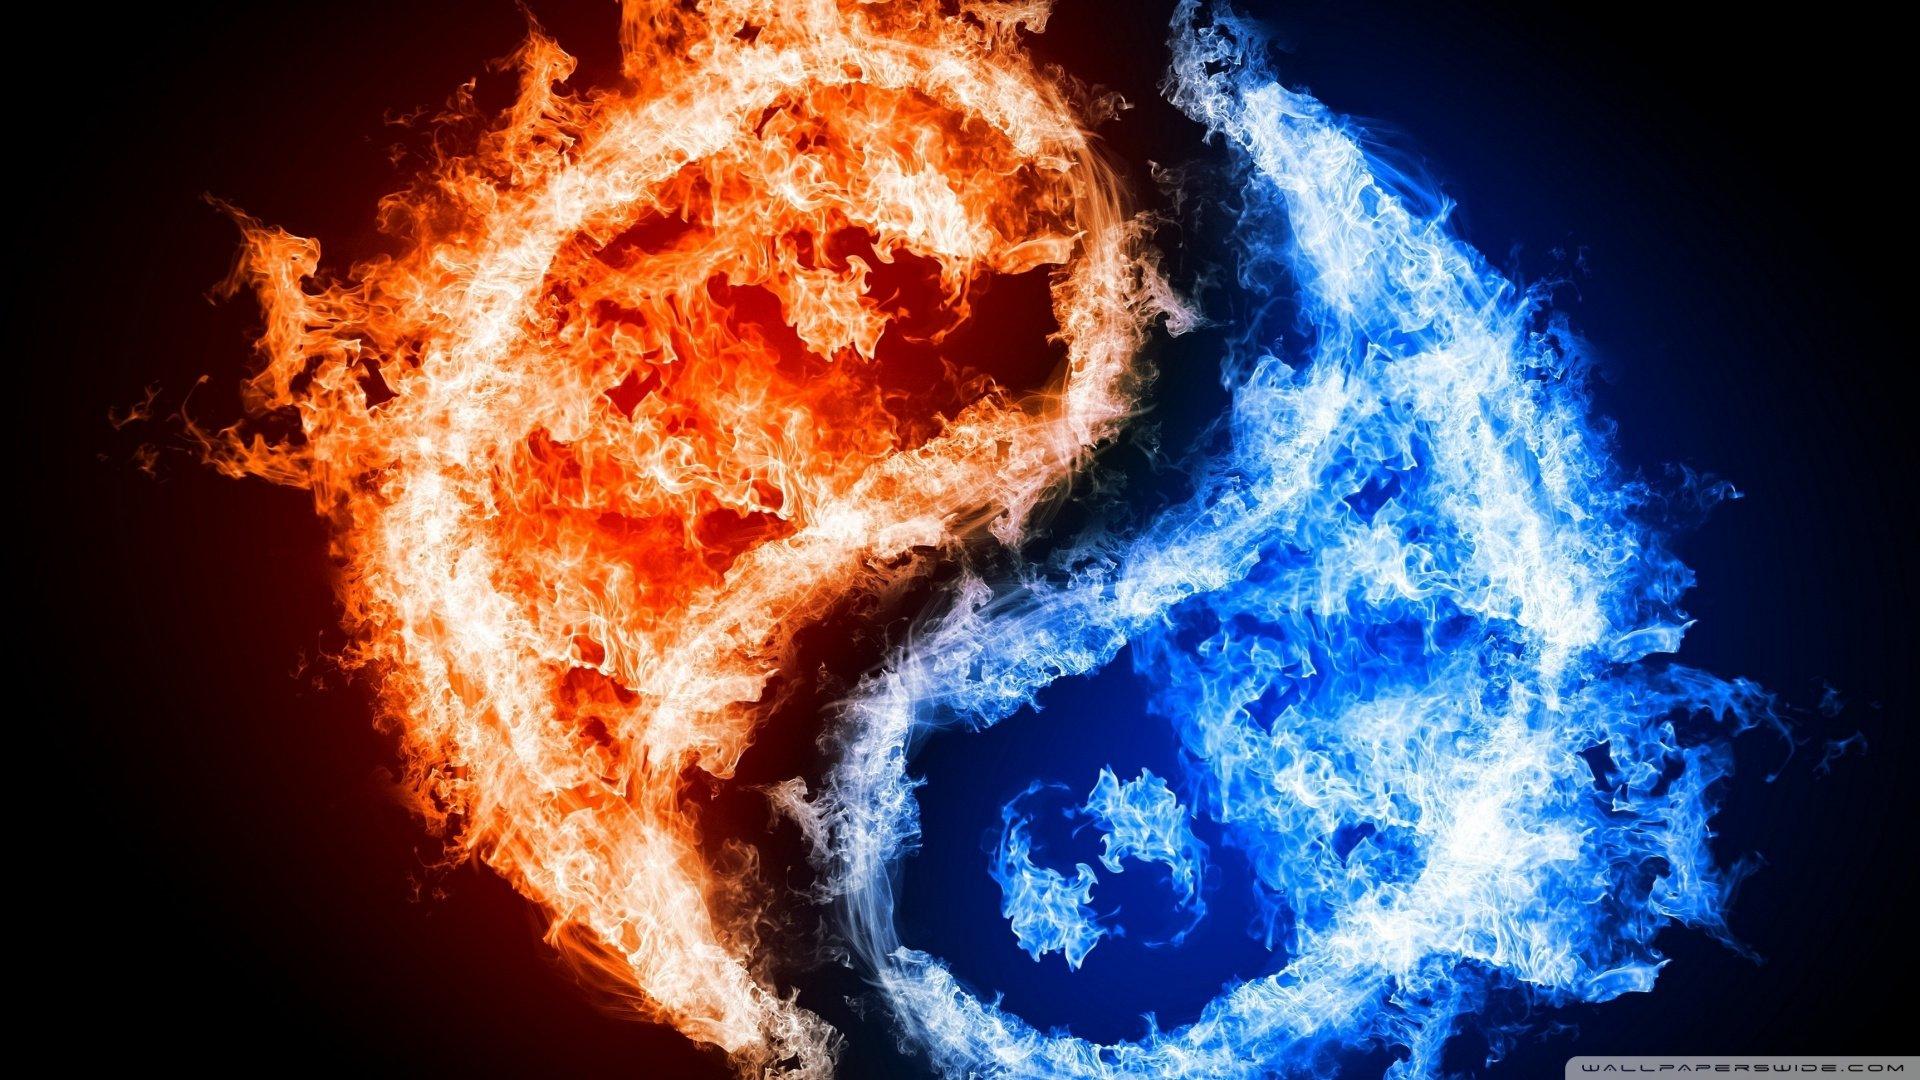 Yin Yang Fire Water Hd Wallpaper